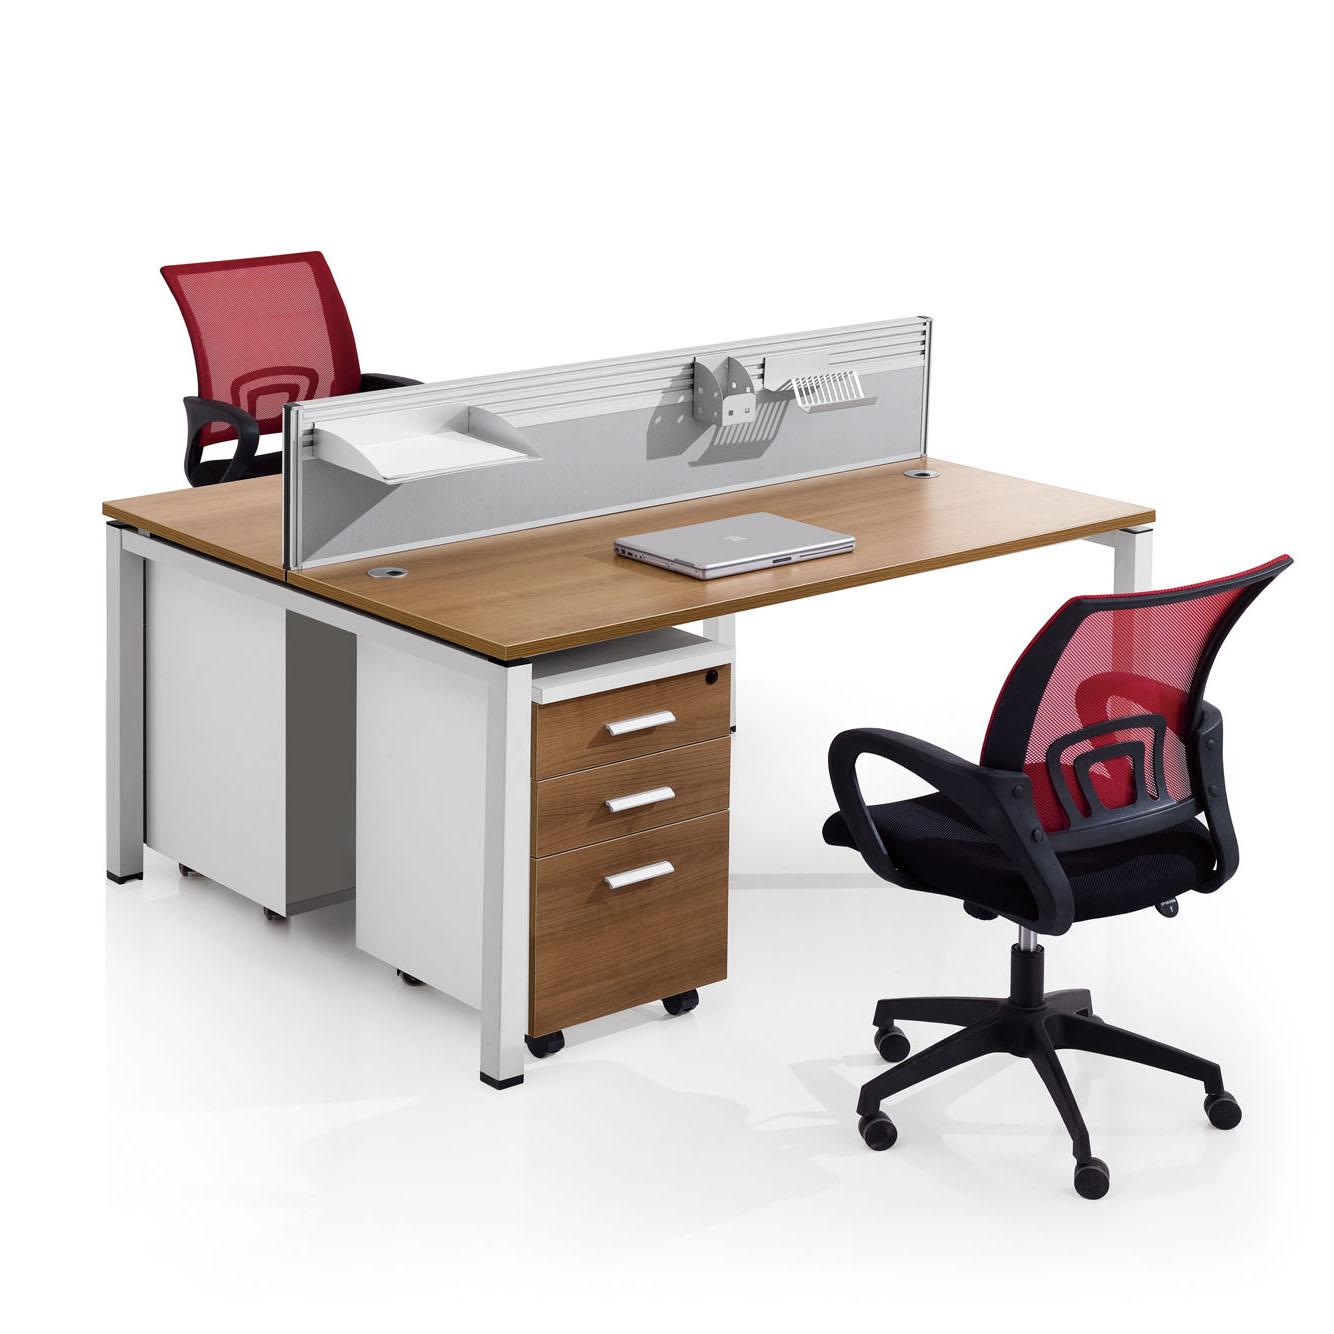 楷博家具办公桌简约现代职员办公桌员工办公桌电脑桌子组合工作位商品图片